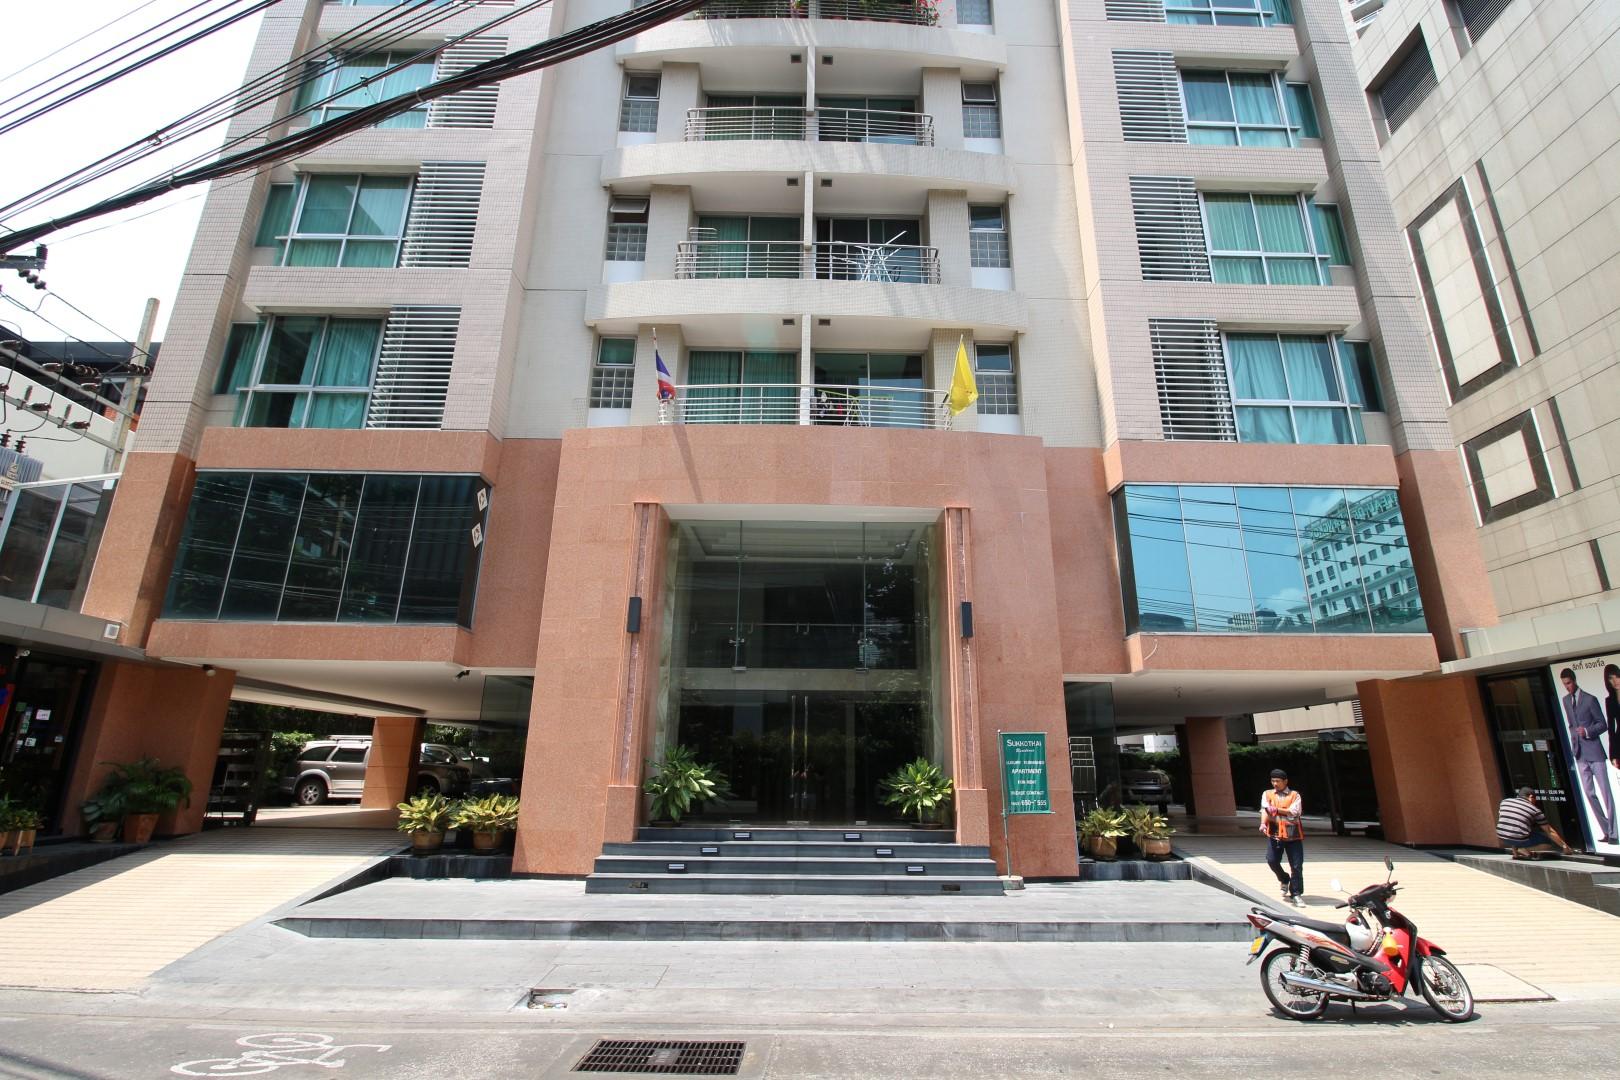 sukhothai residence facade